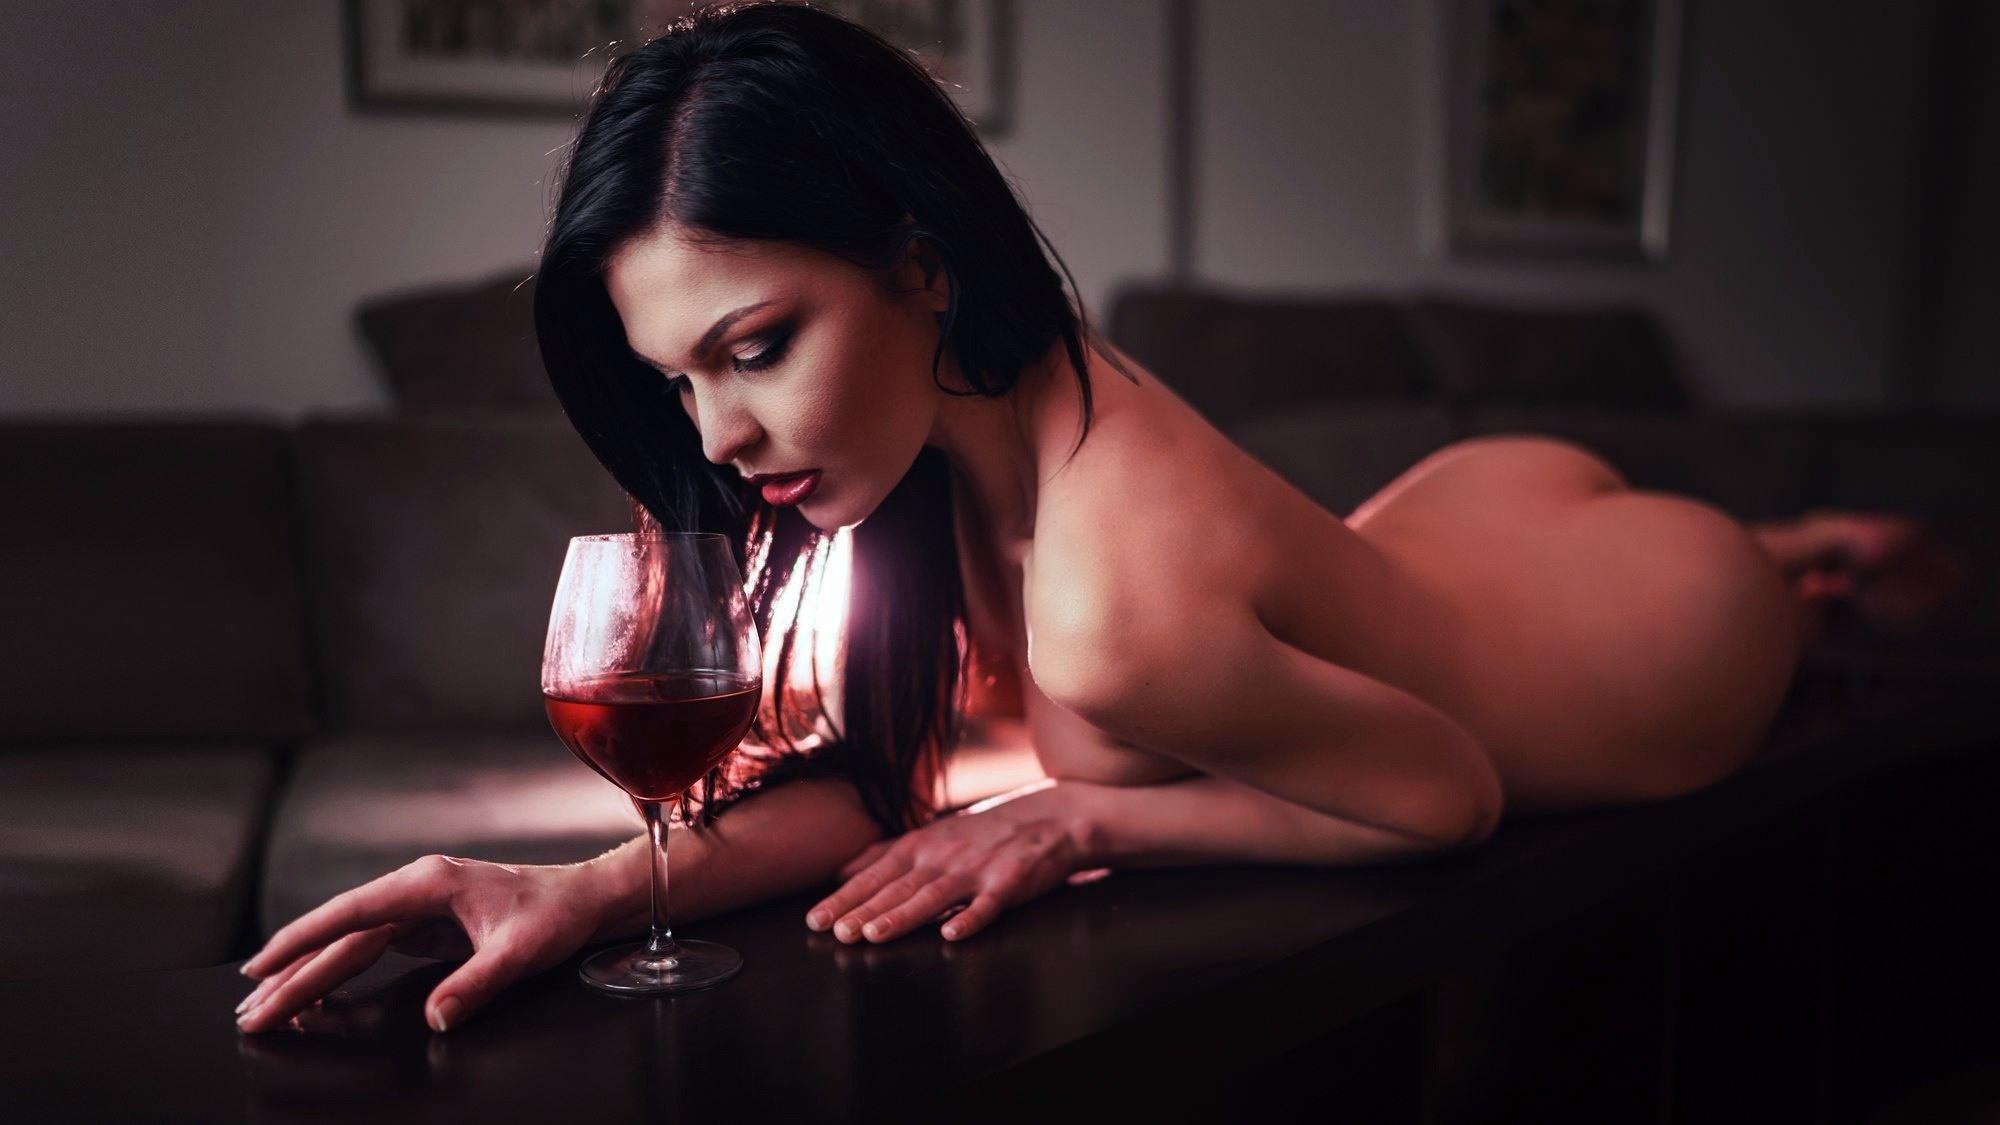 Фото Голая брюнетка на барной стойке в гостиной и бокал красного вина, скачать картинку бесплатно